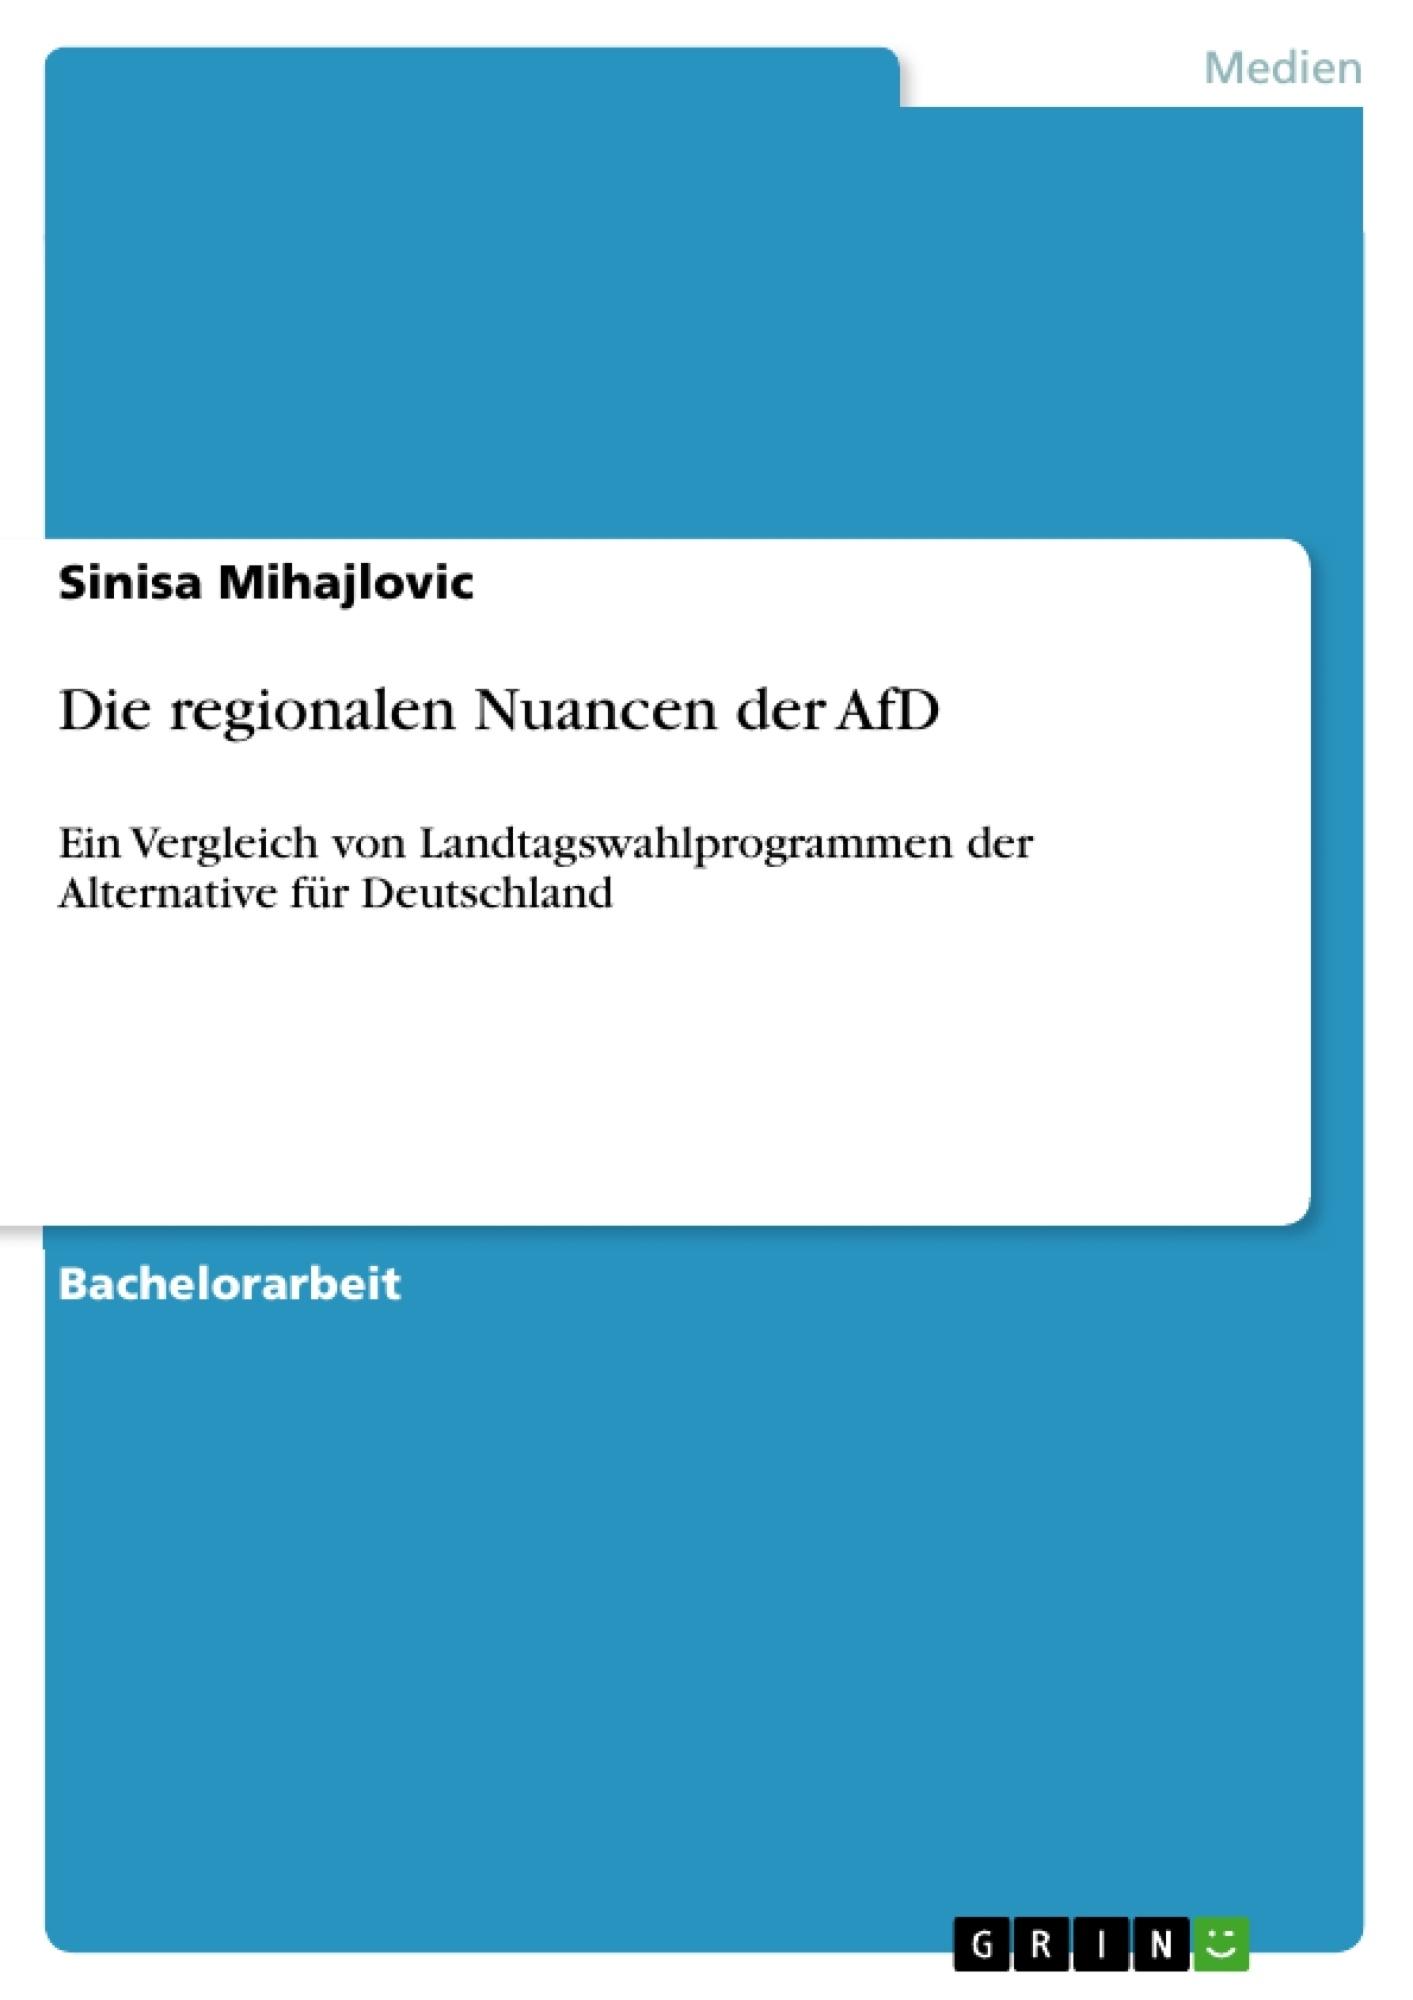 Titel: Die regionalen Nuancen der AfD